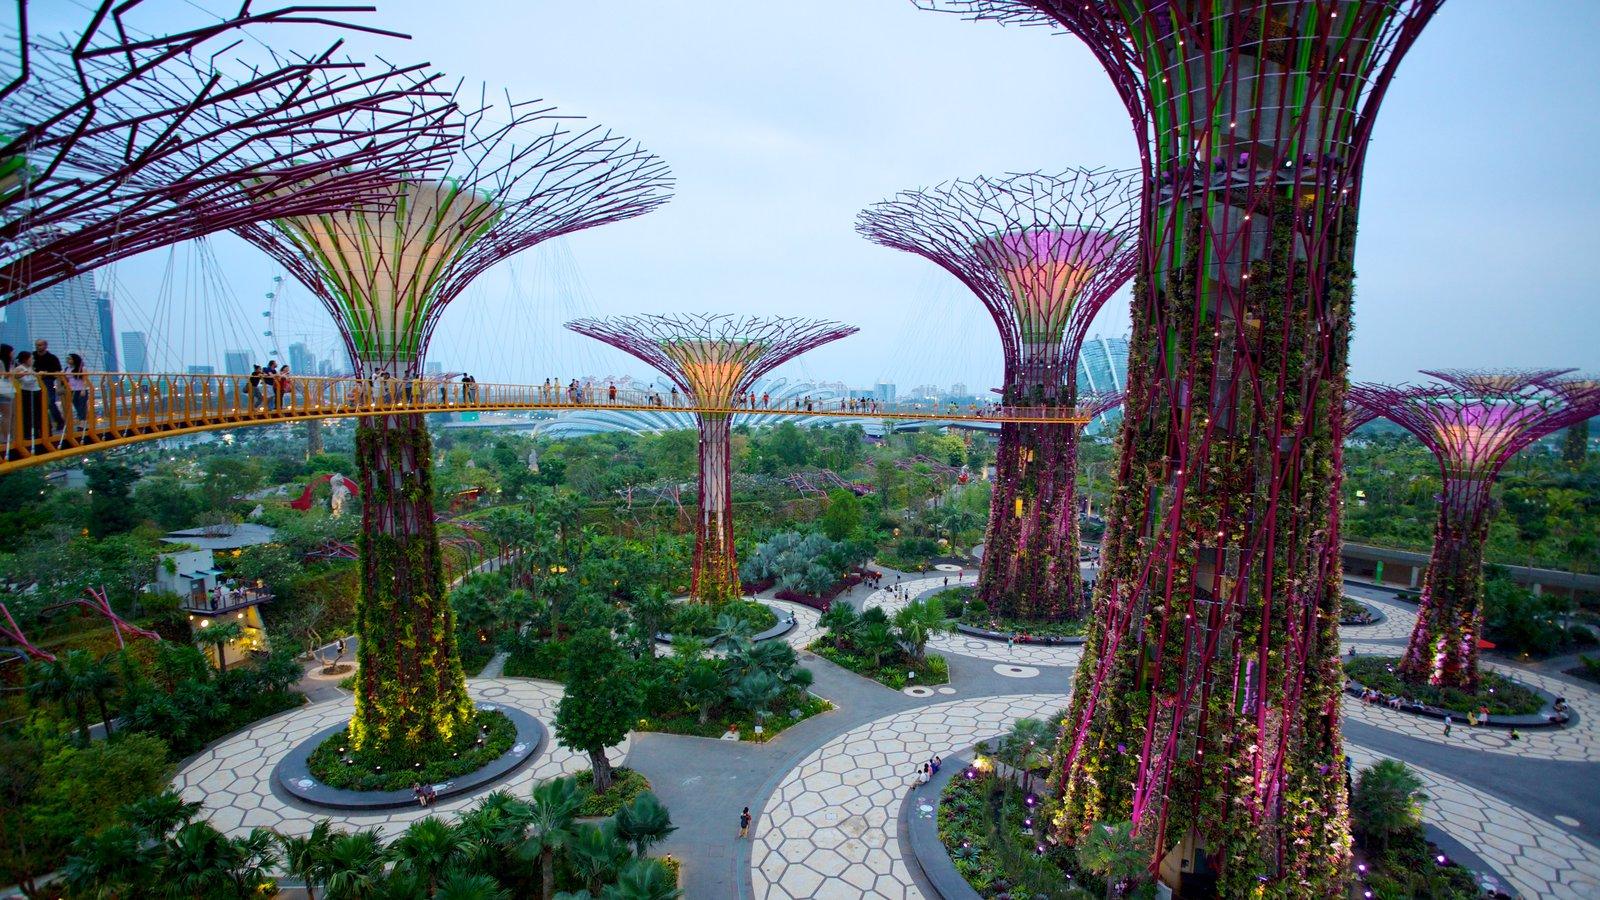 Garden by the bay - Biểu tượng mới của Singapore